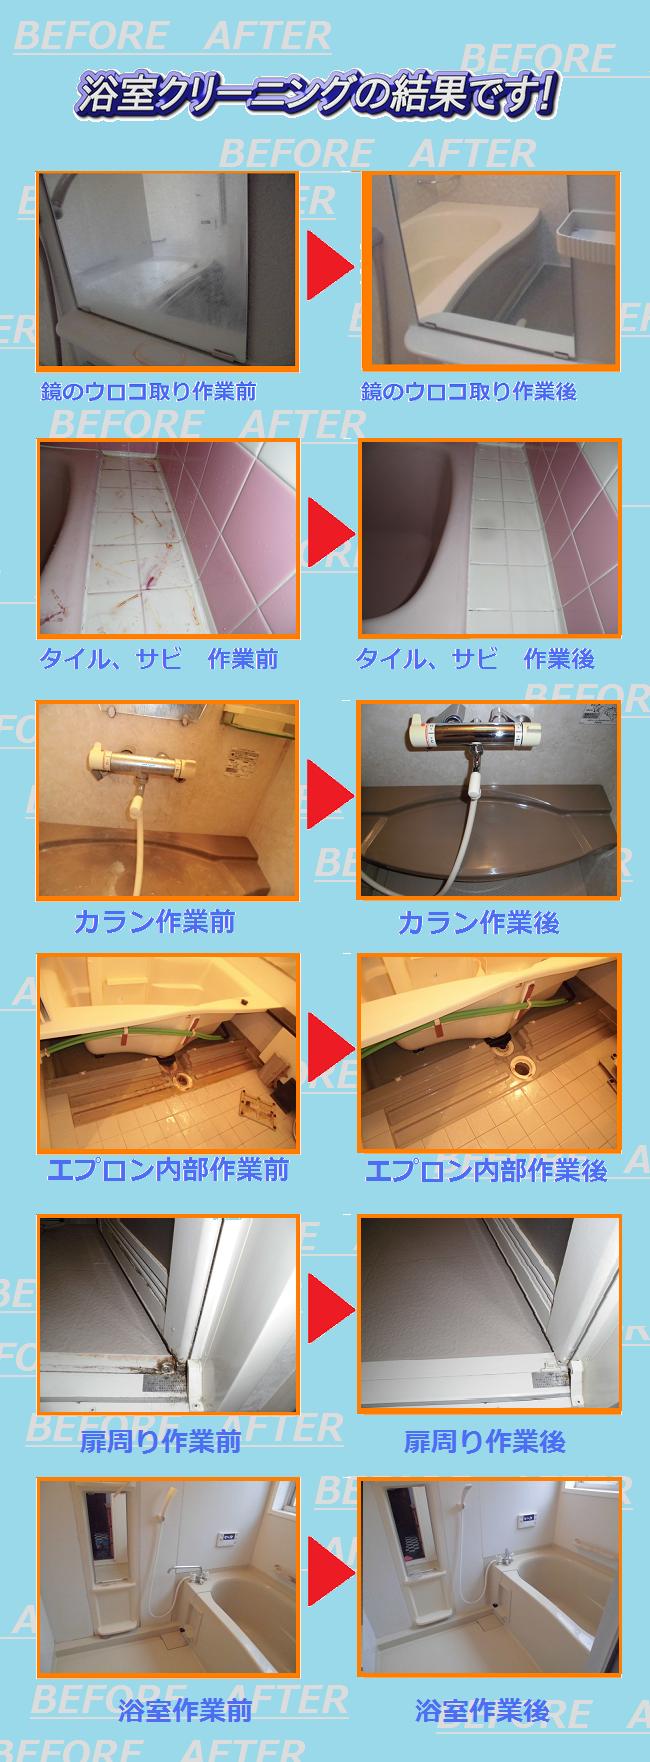 お風呂掃除依頼03.png